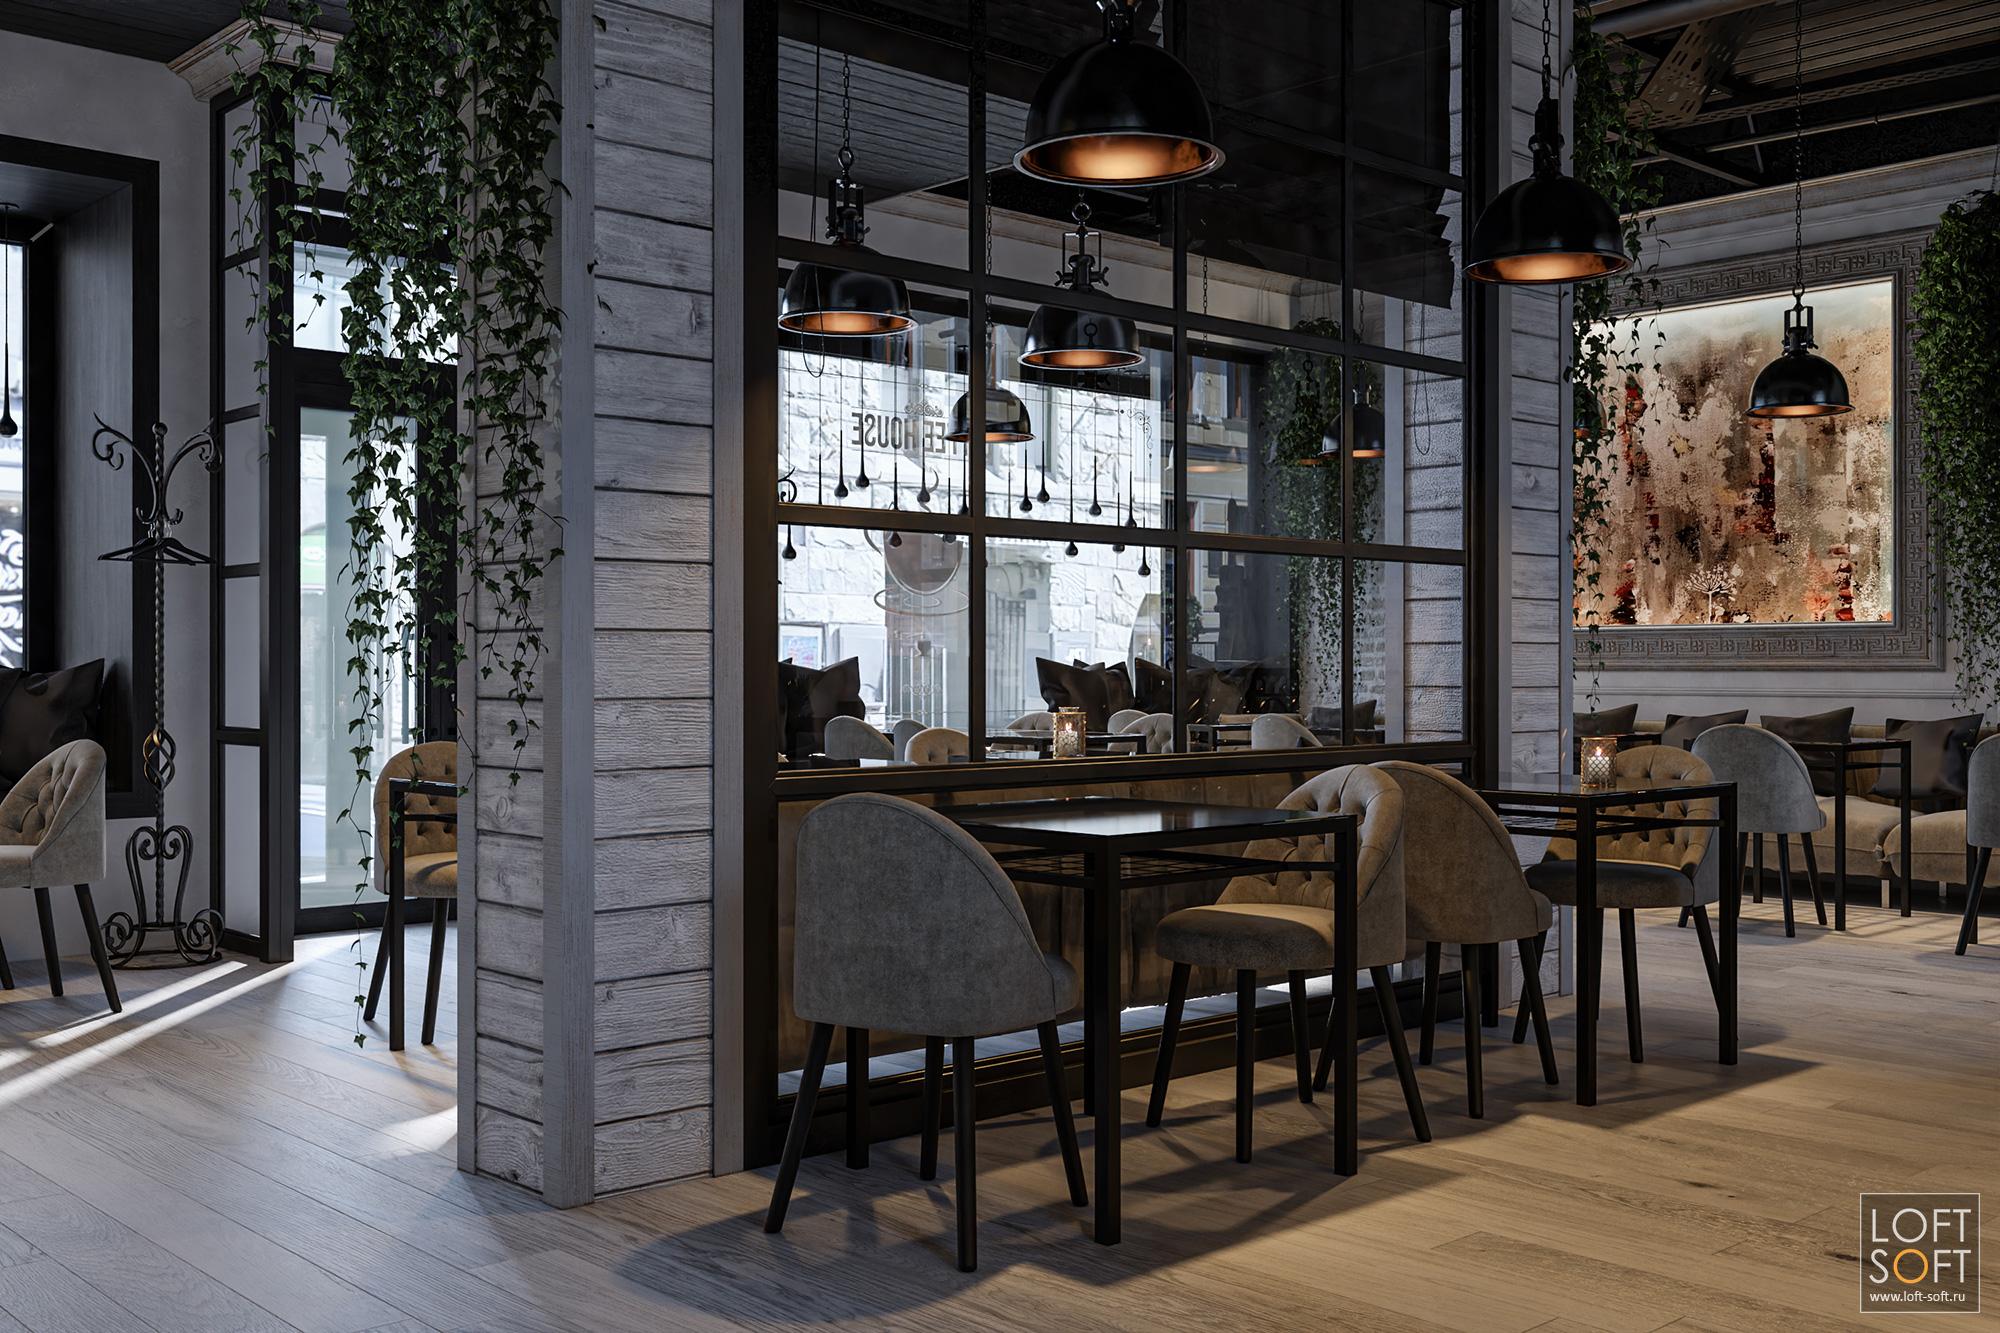 Разделение зон вкафе. Уютный дизайн кафе.